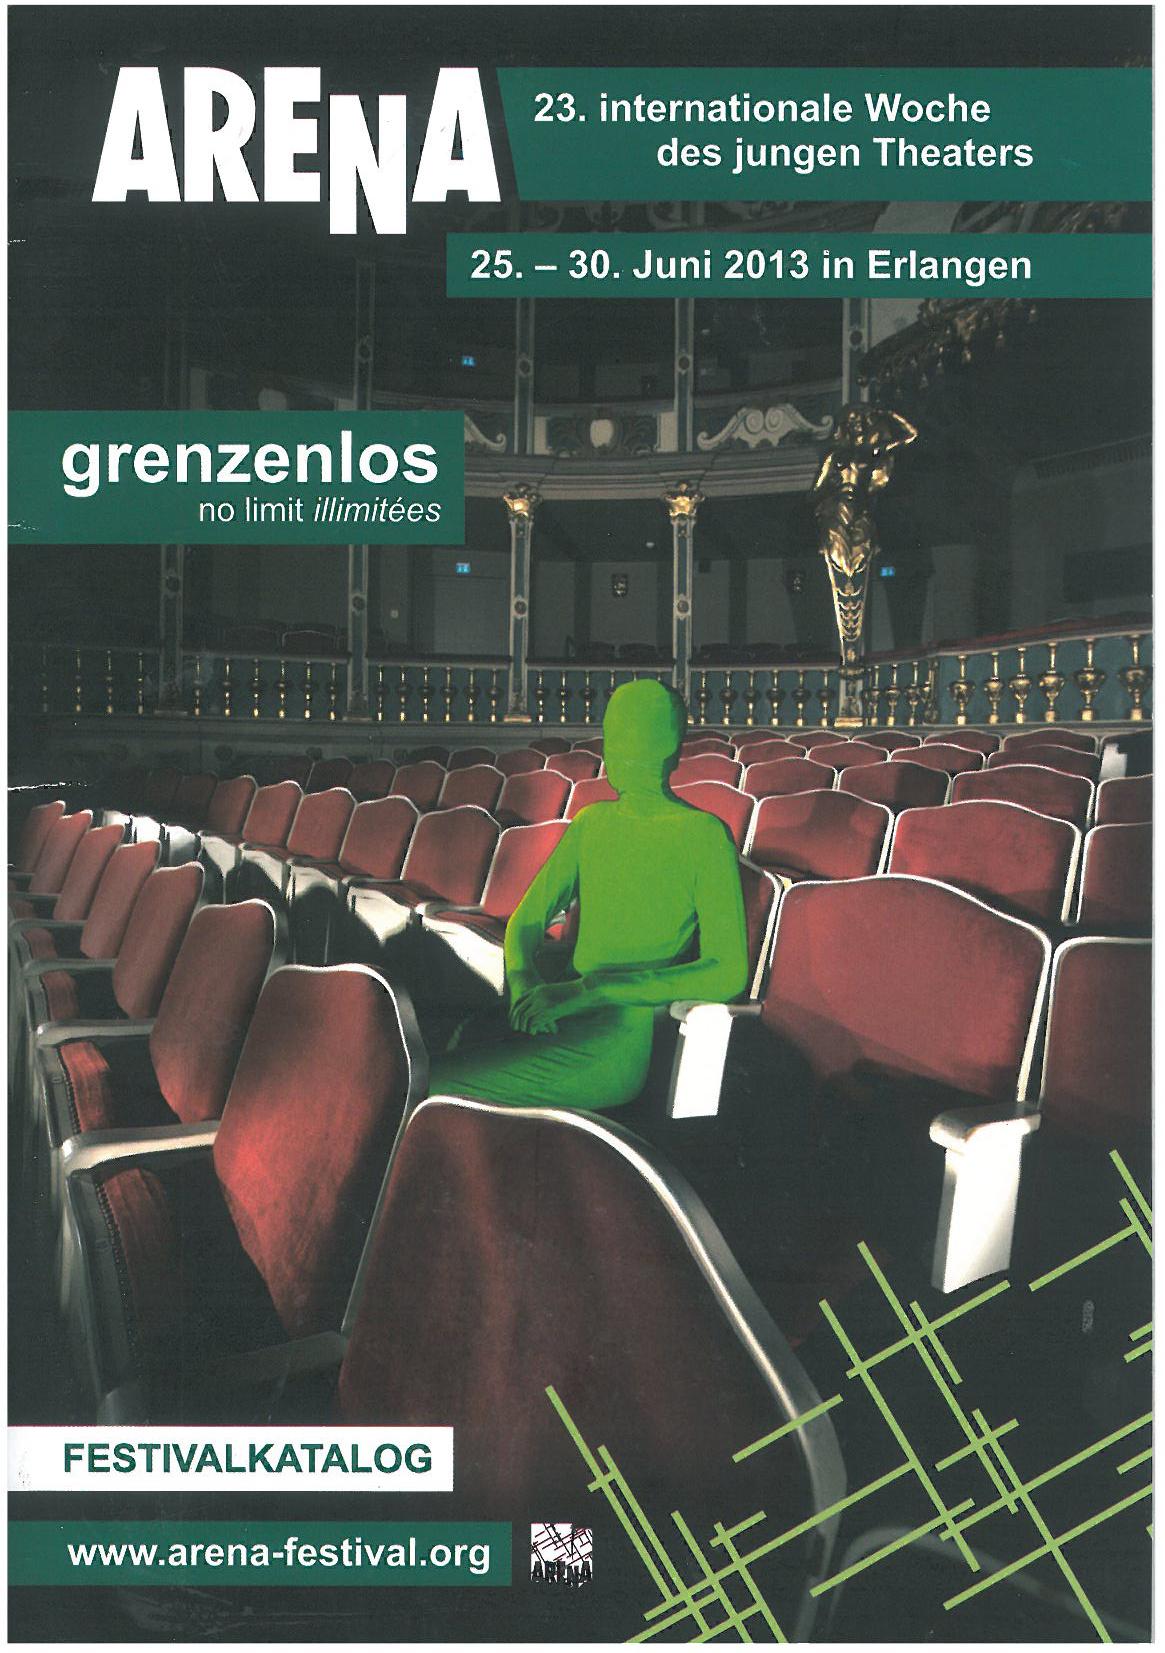 Arena Ggrenzenlos Nnolimit 2013